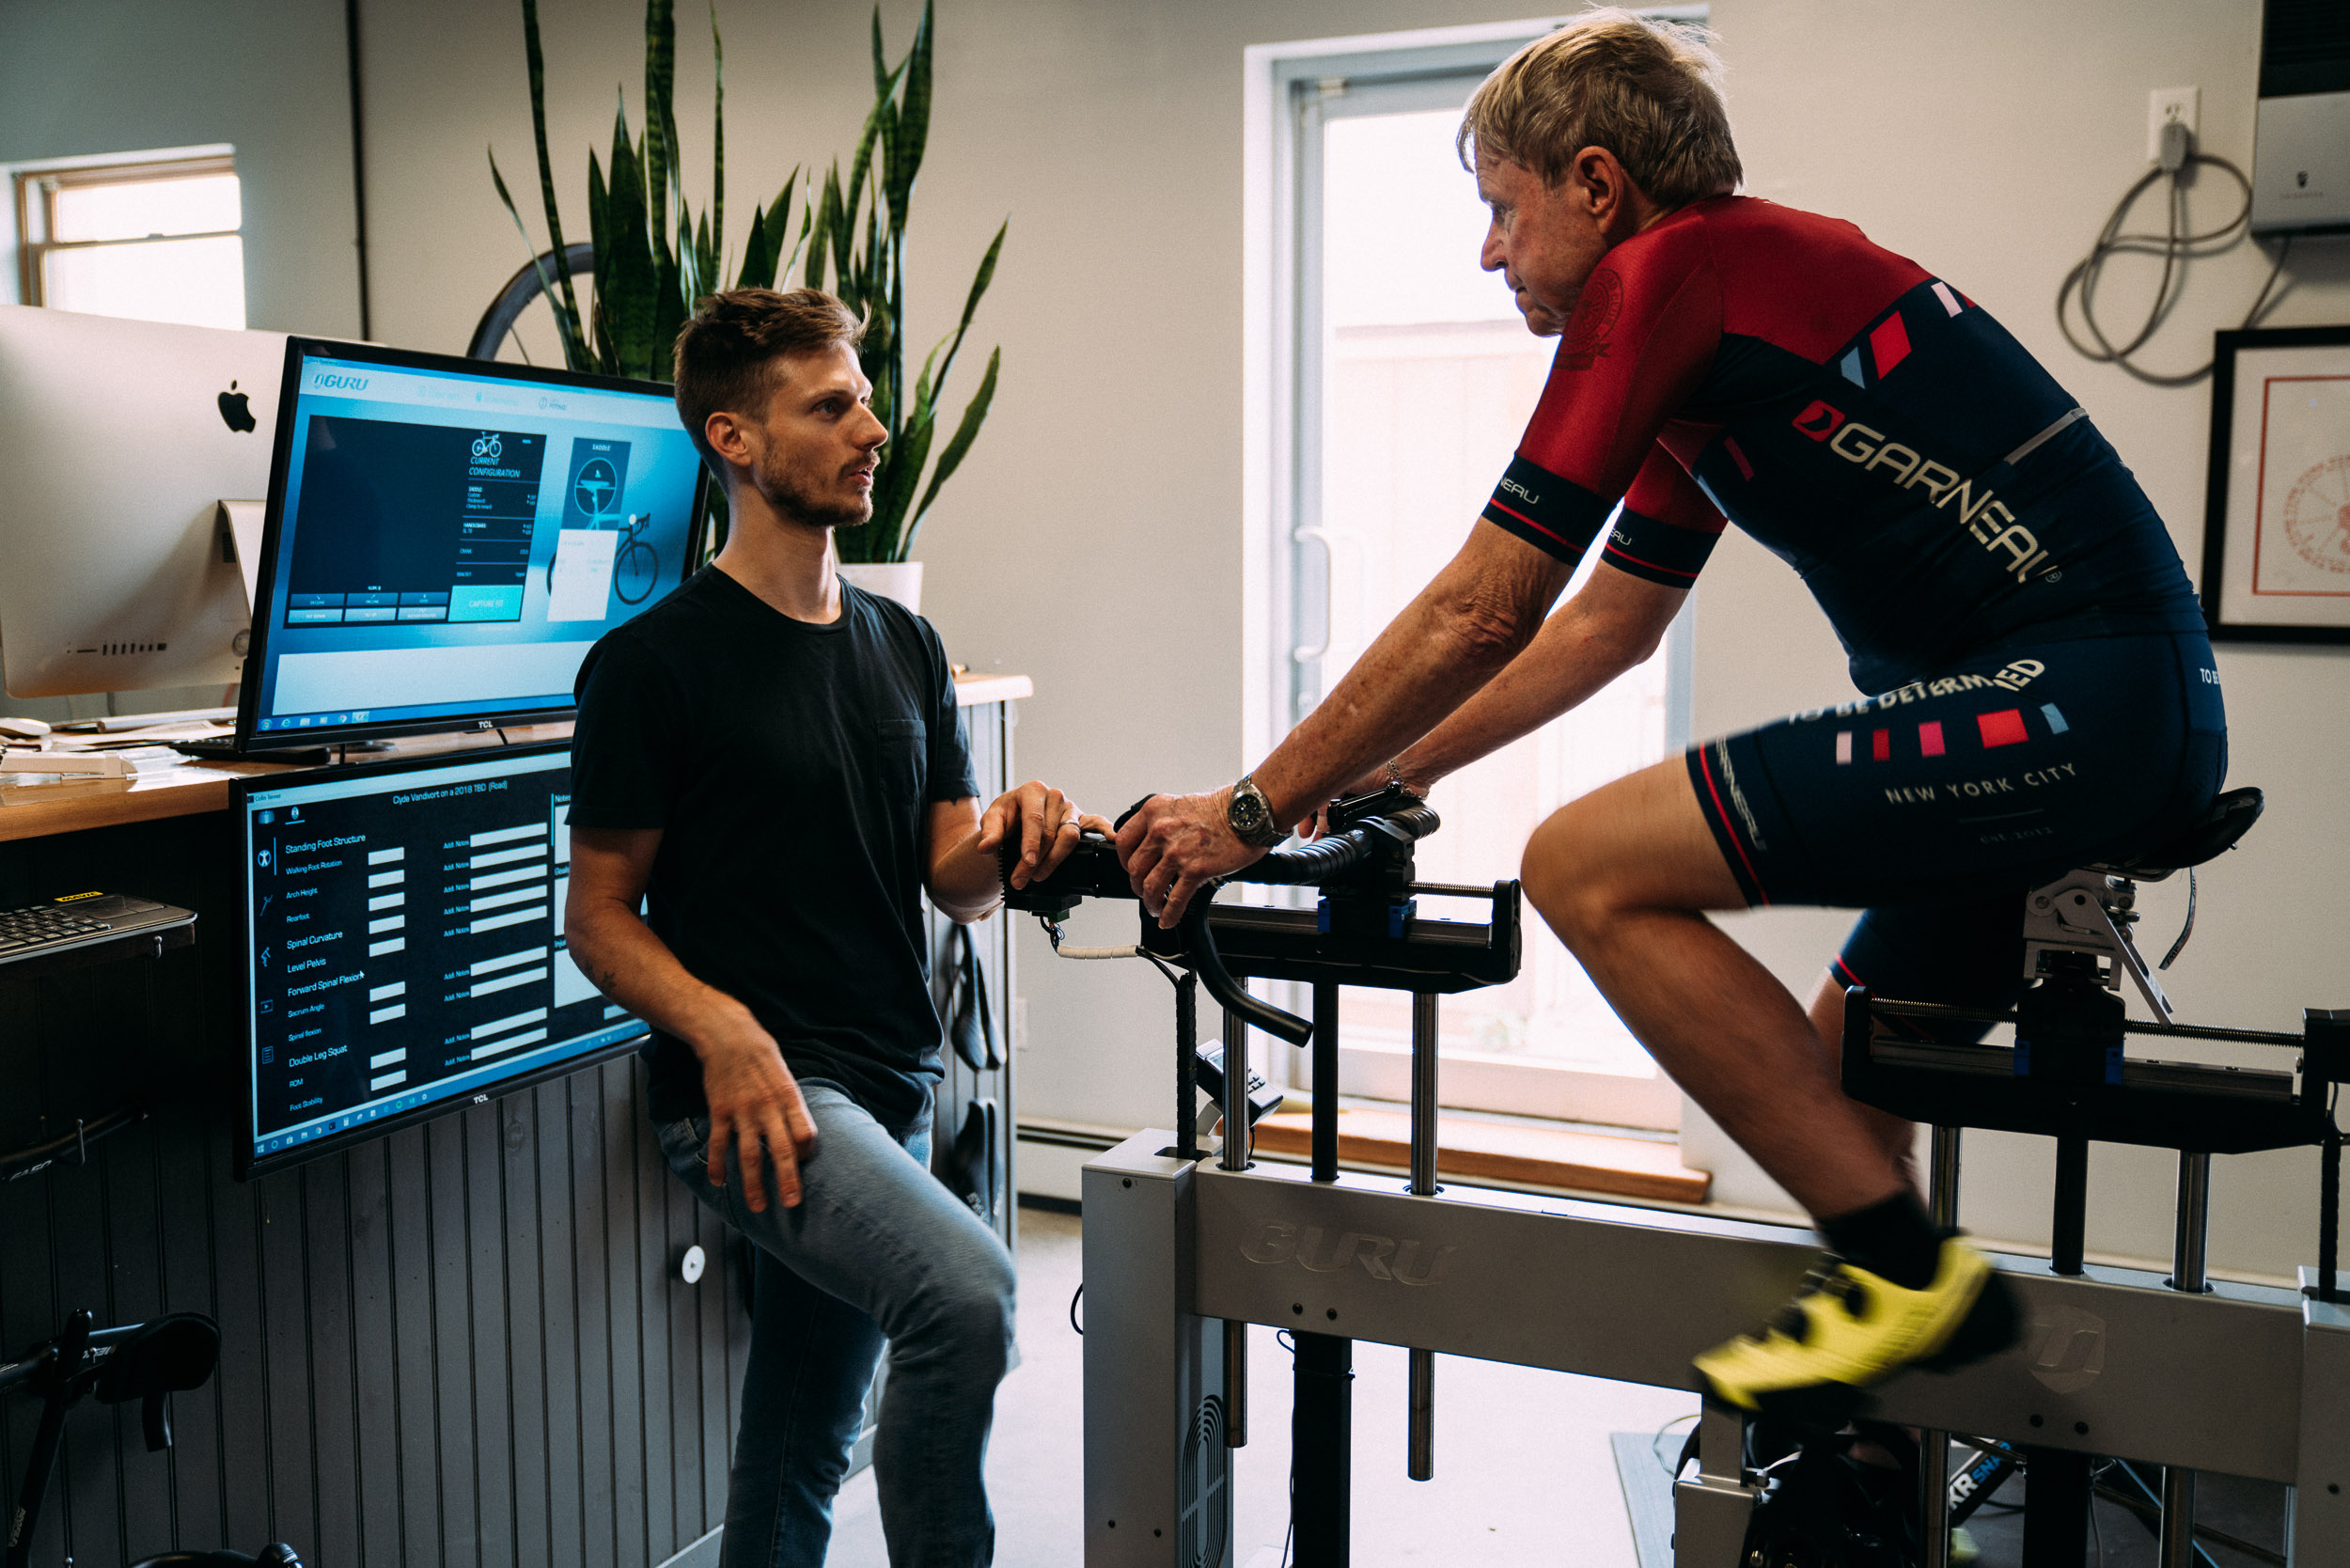 photo-rhetoric-to-be-determined-acme-bike-fits-1002.jpg